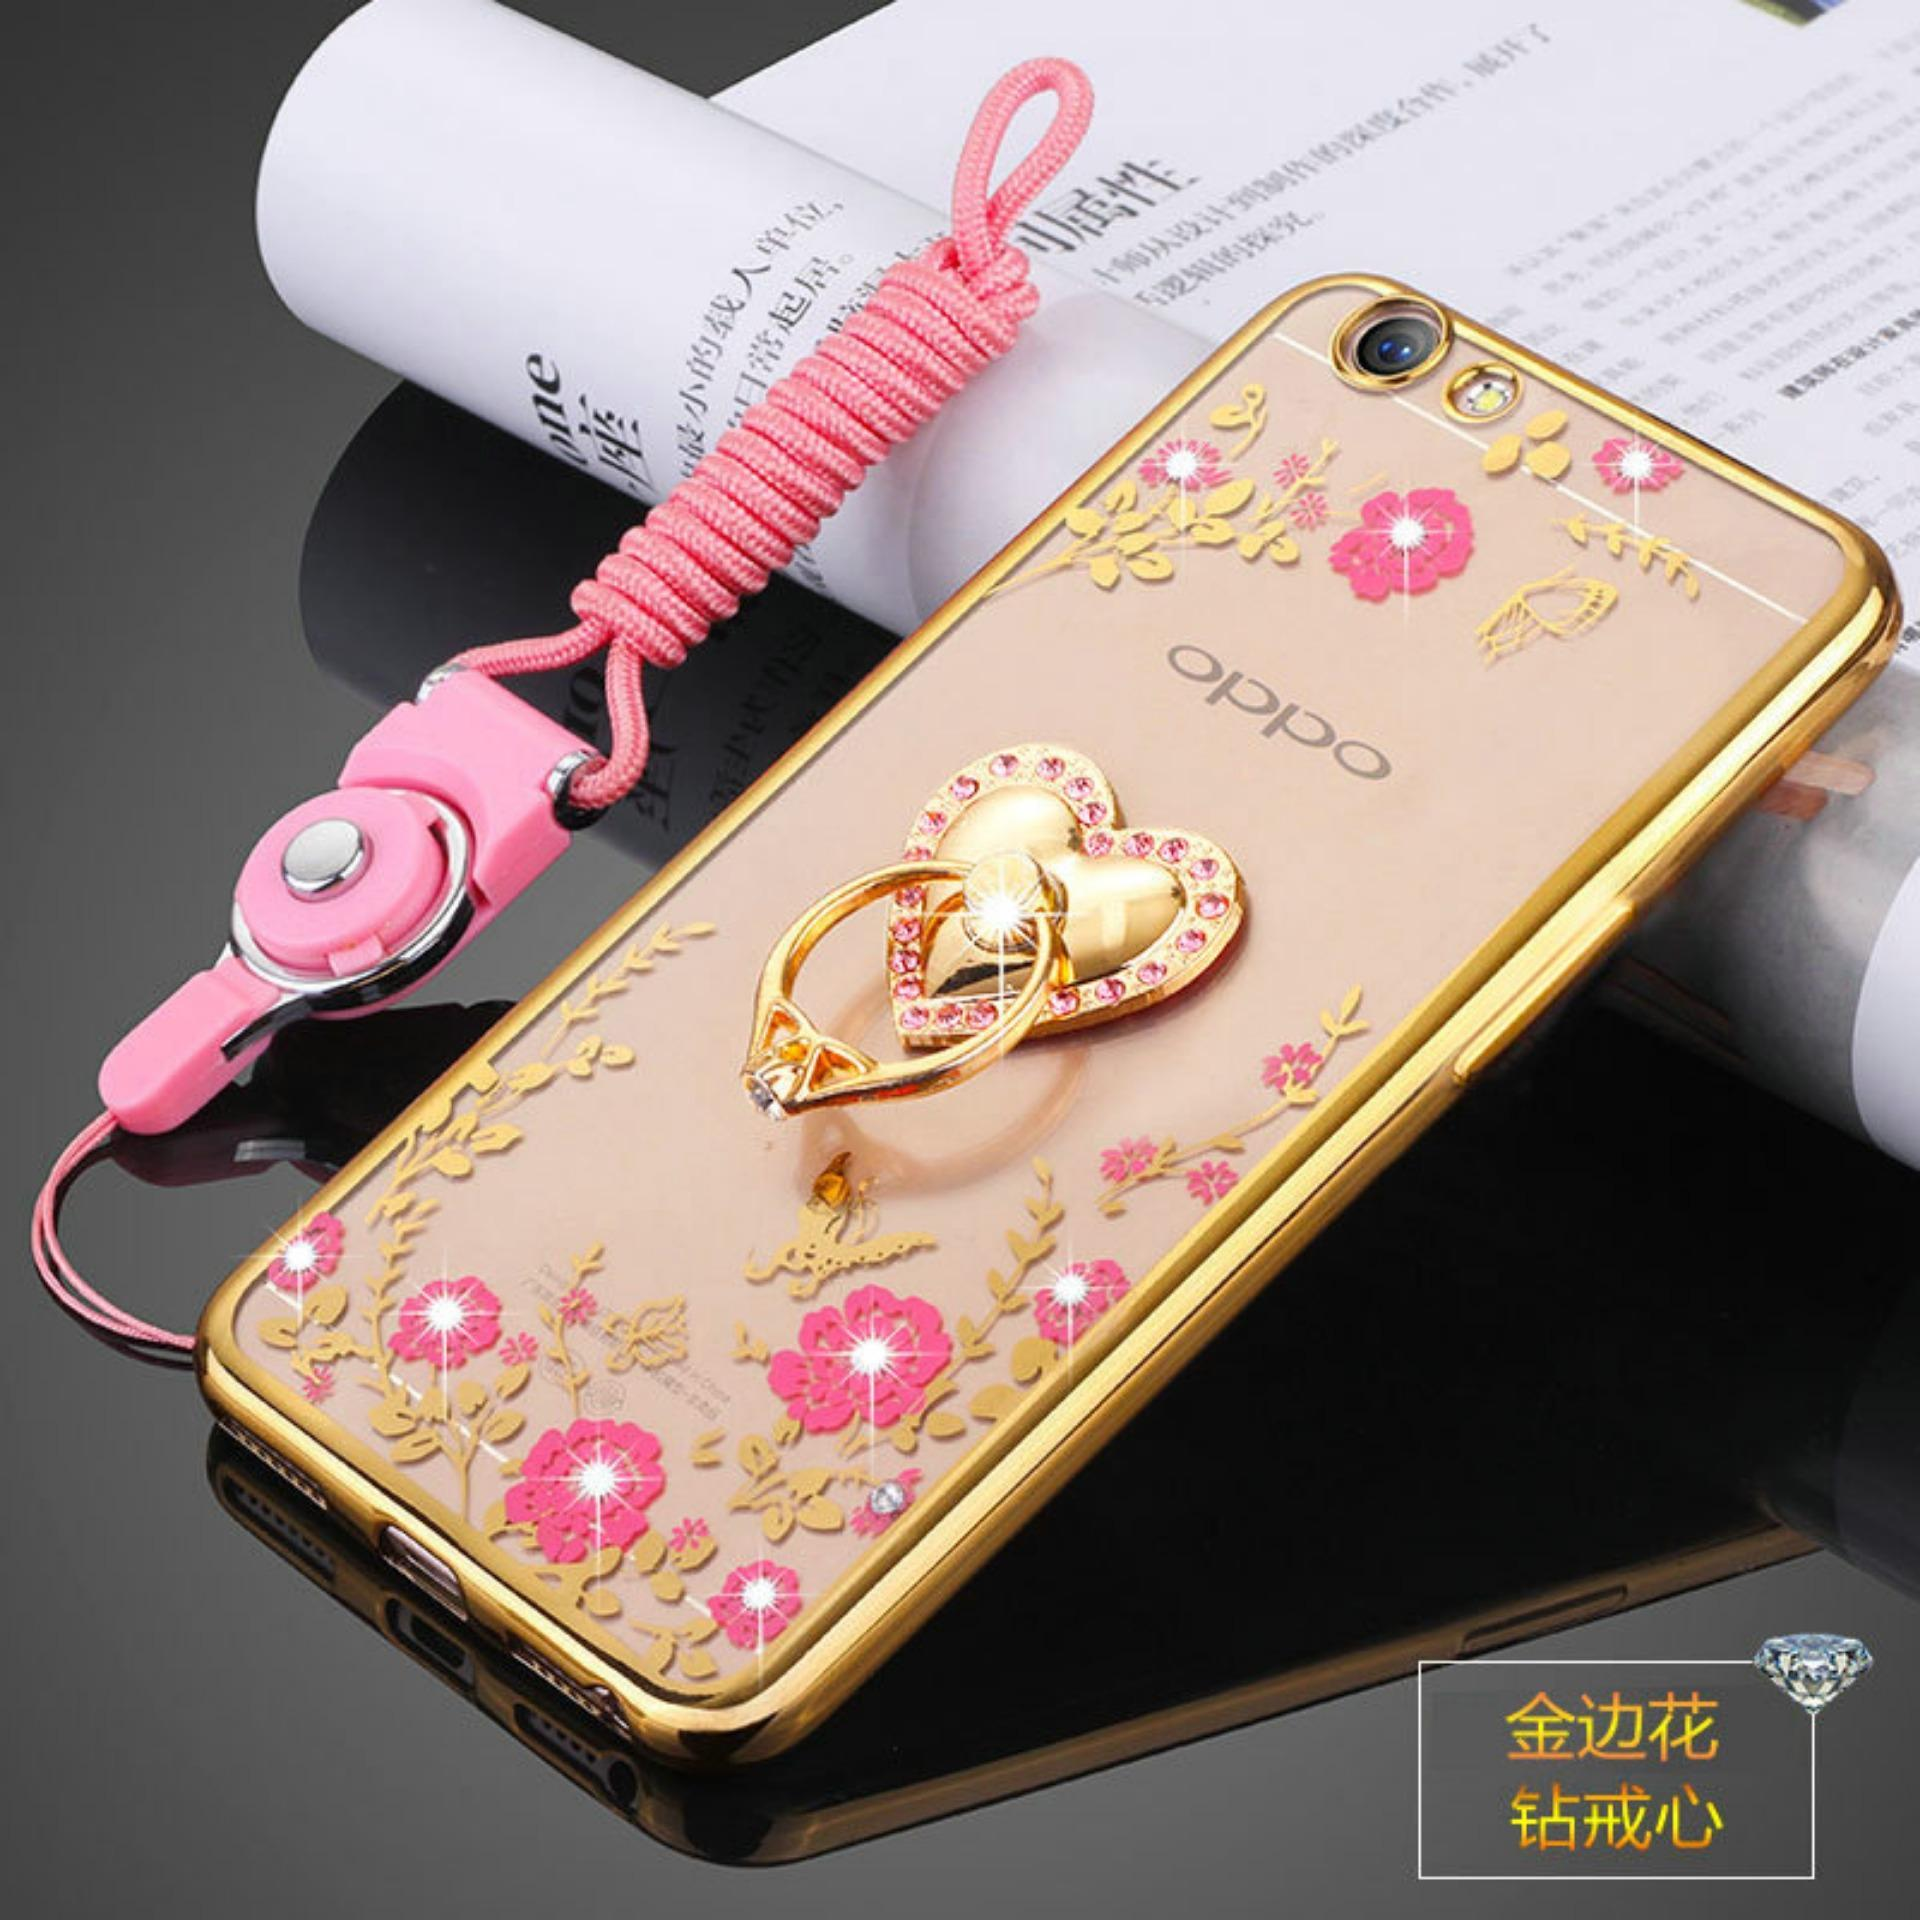 Secret Garden TPU Back Case Cover For Oppo F1s Oppo A59(Lovegold) - intl